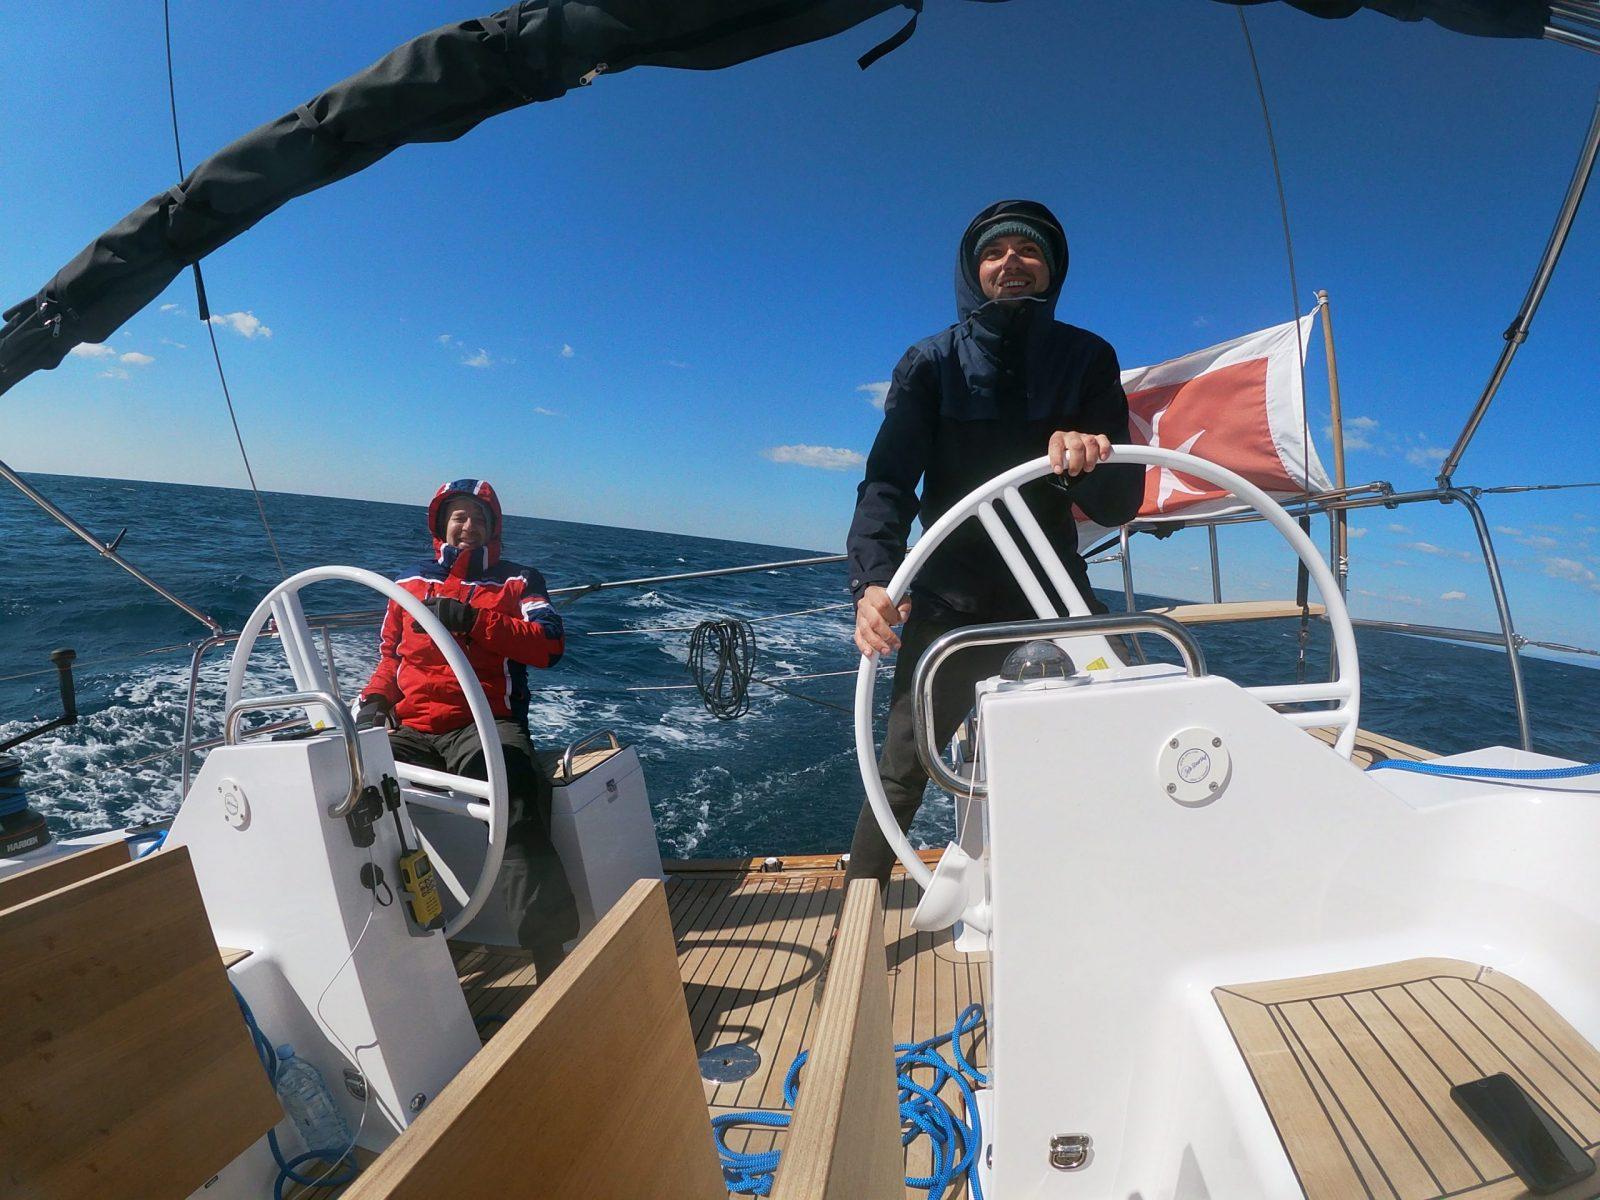 Evgheni and Jean are skippering the sailing yacht Mowgli to Malta.